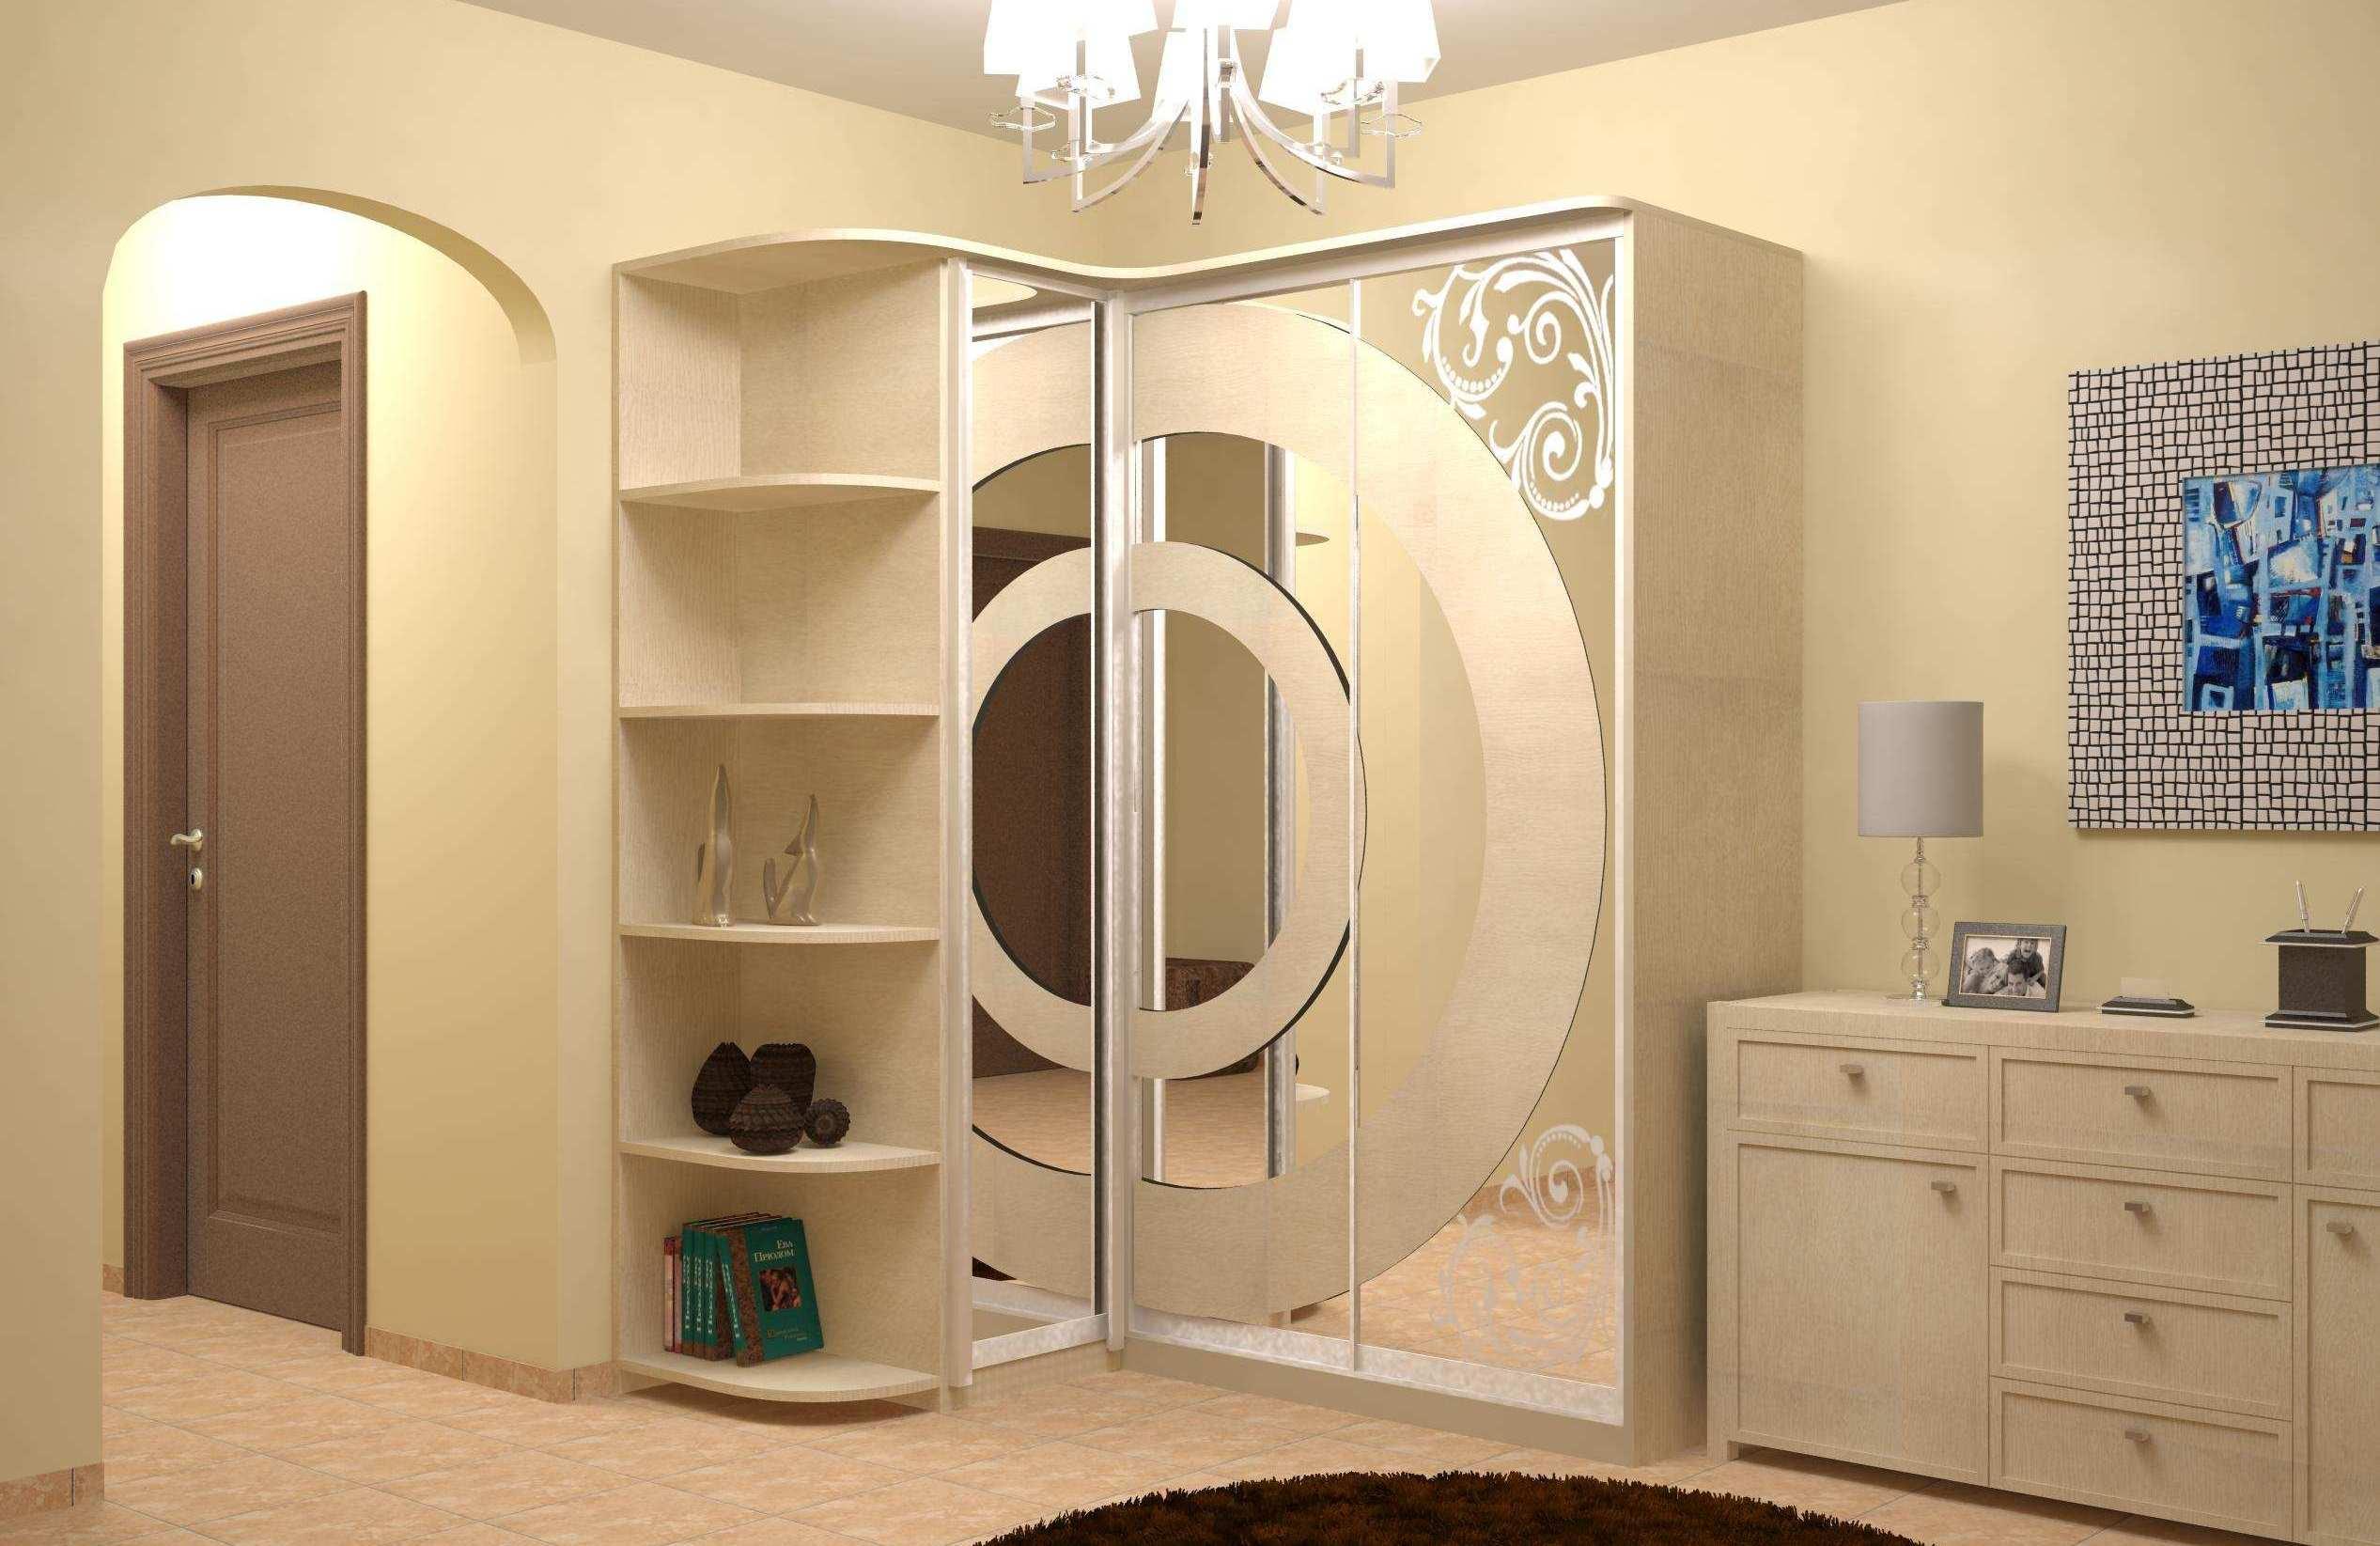 Трехстворчатый шкаф купе с зеркалом, особенности и варианты оформления